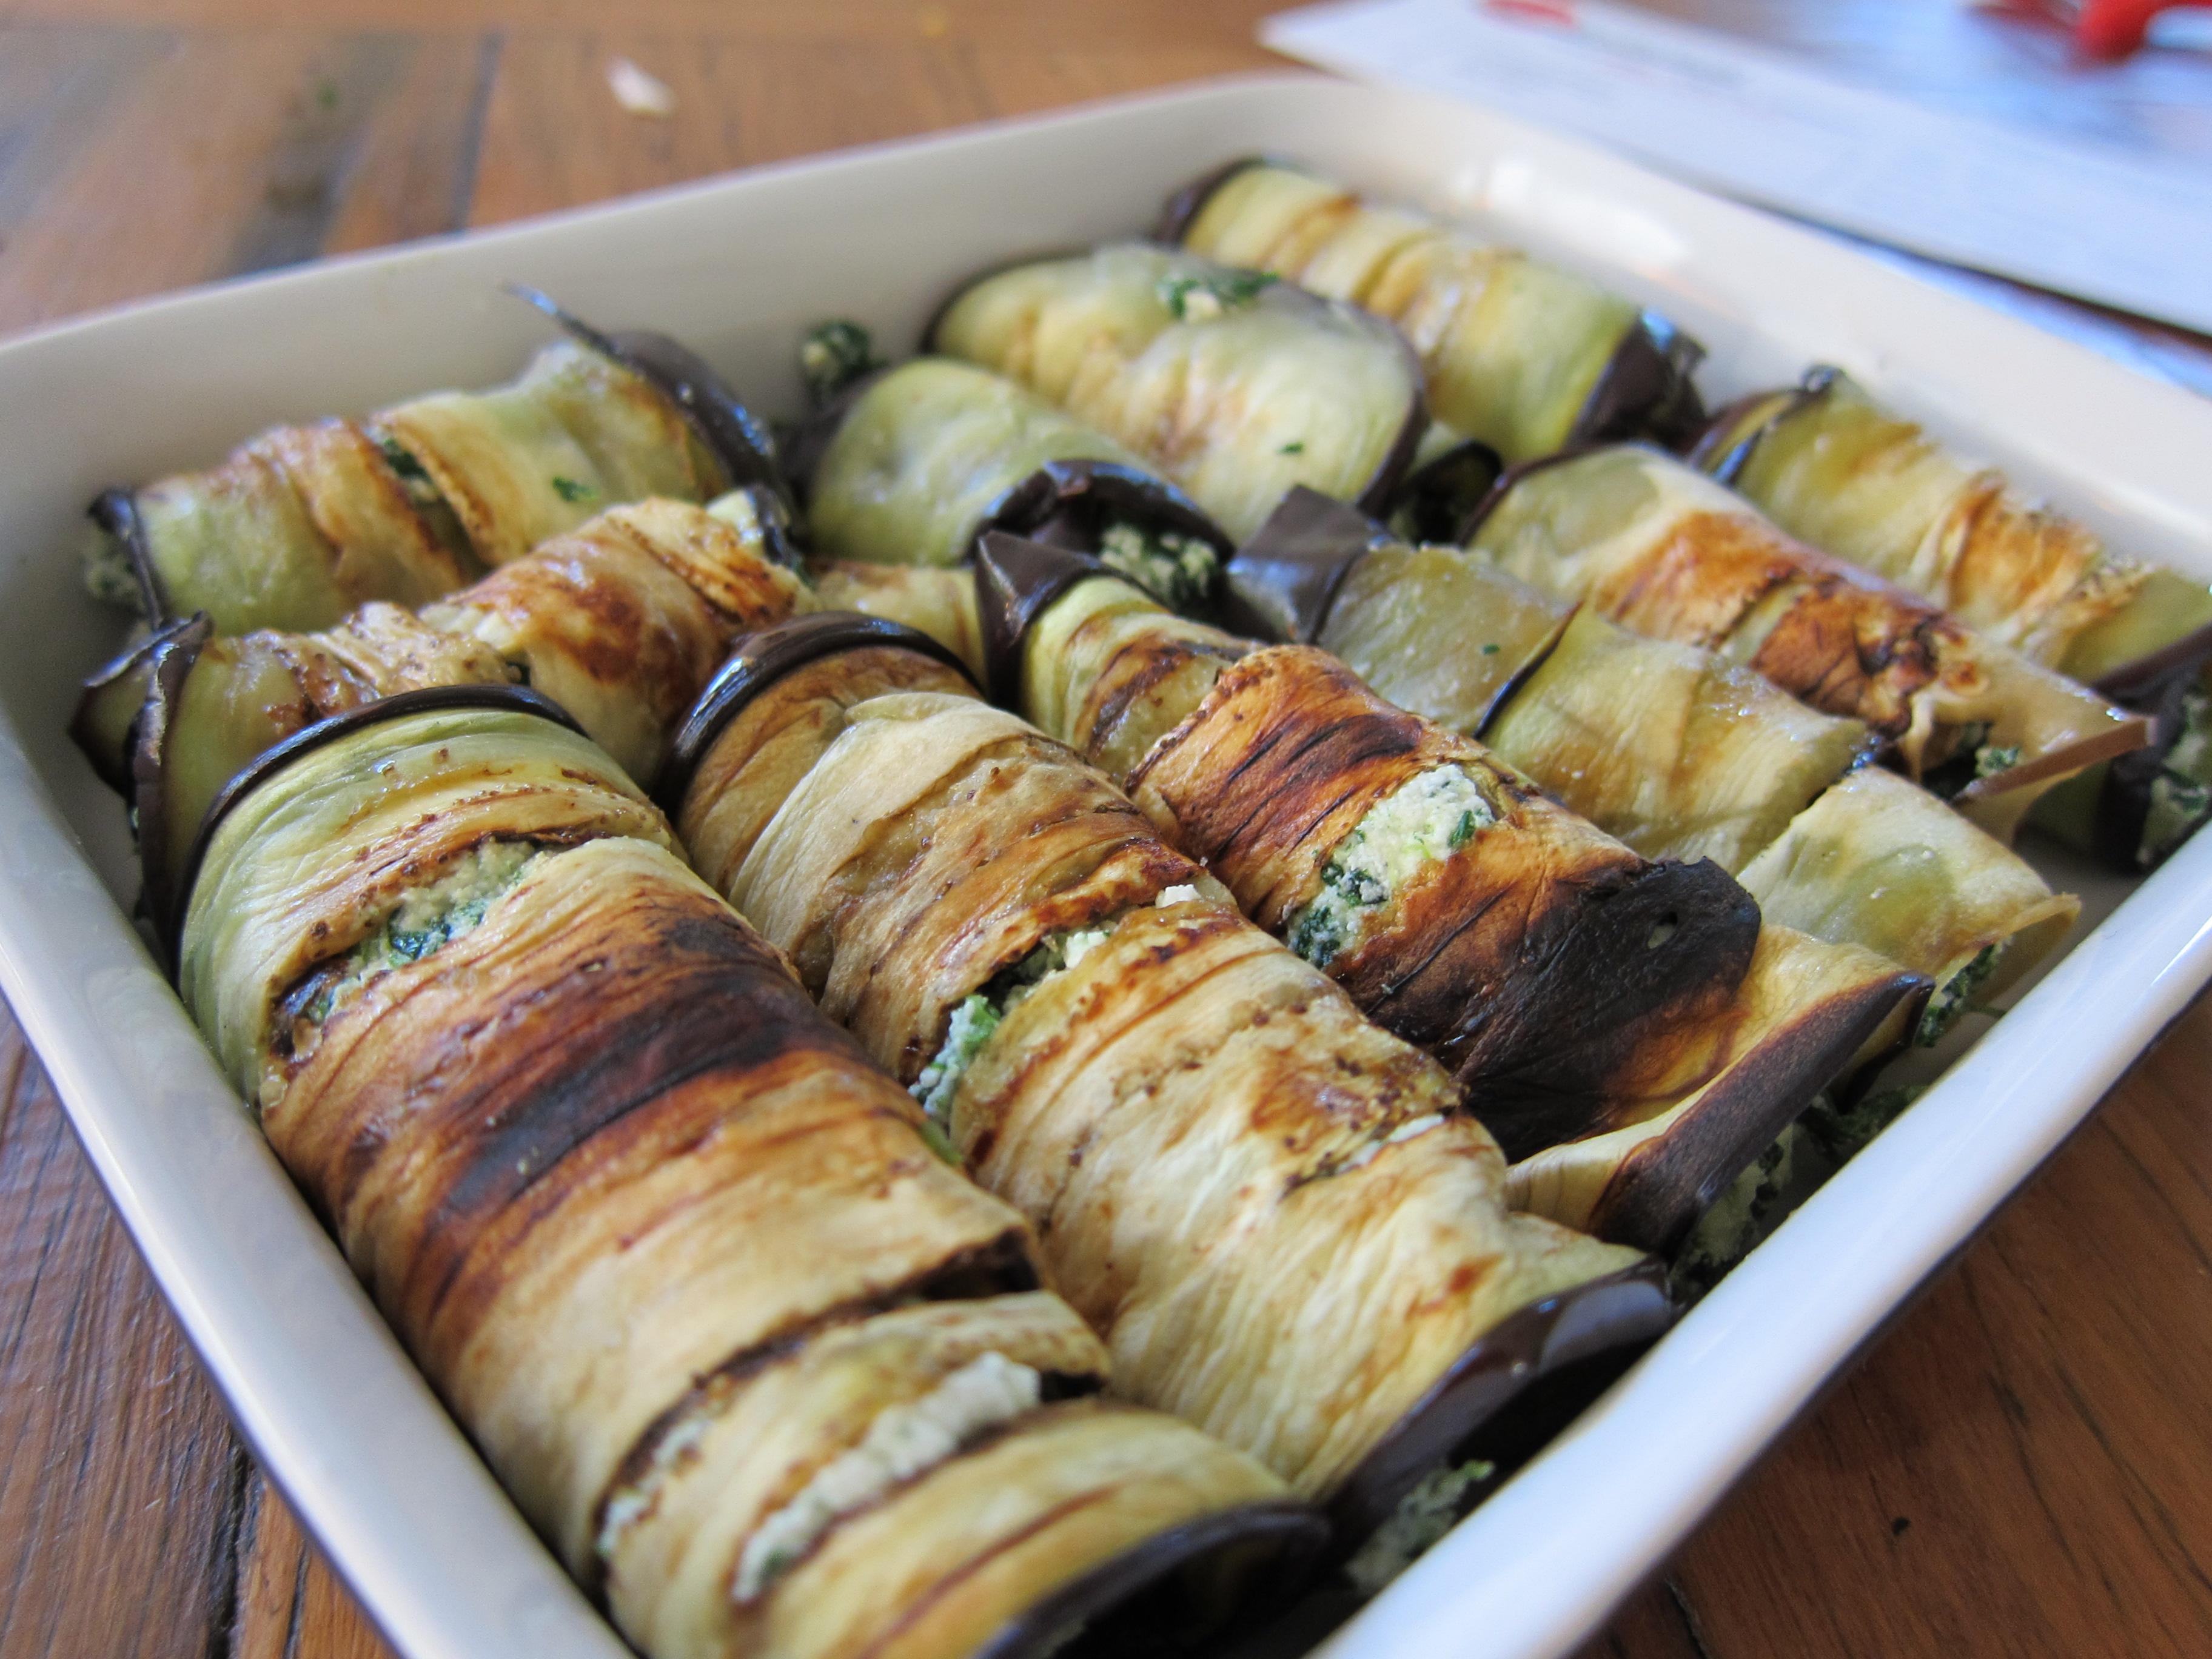 Eggplant cannelloni recipe « Scoff & Quaff